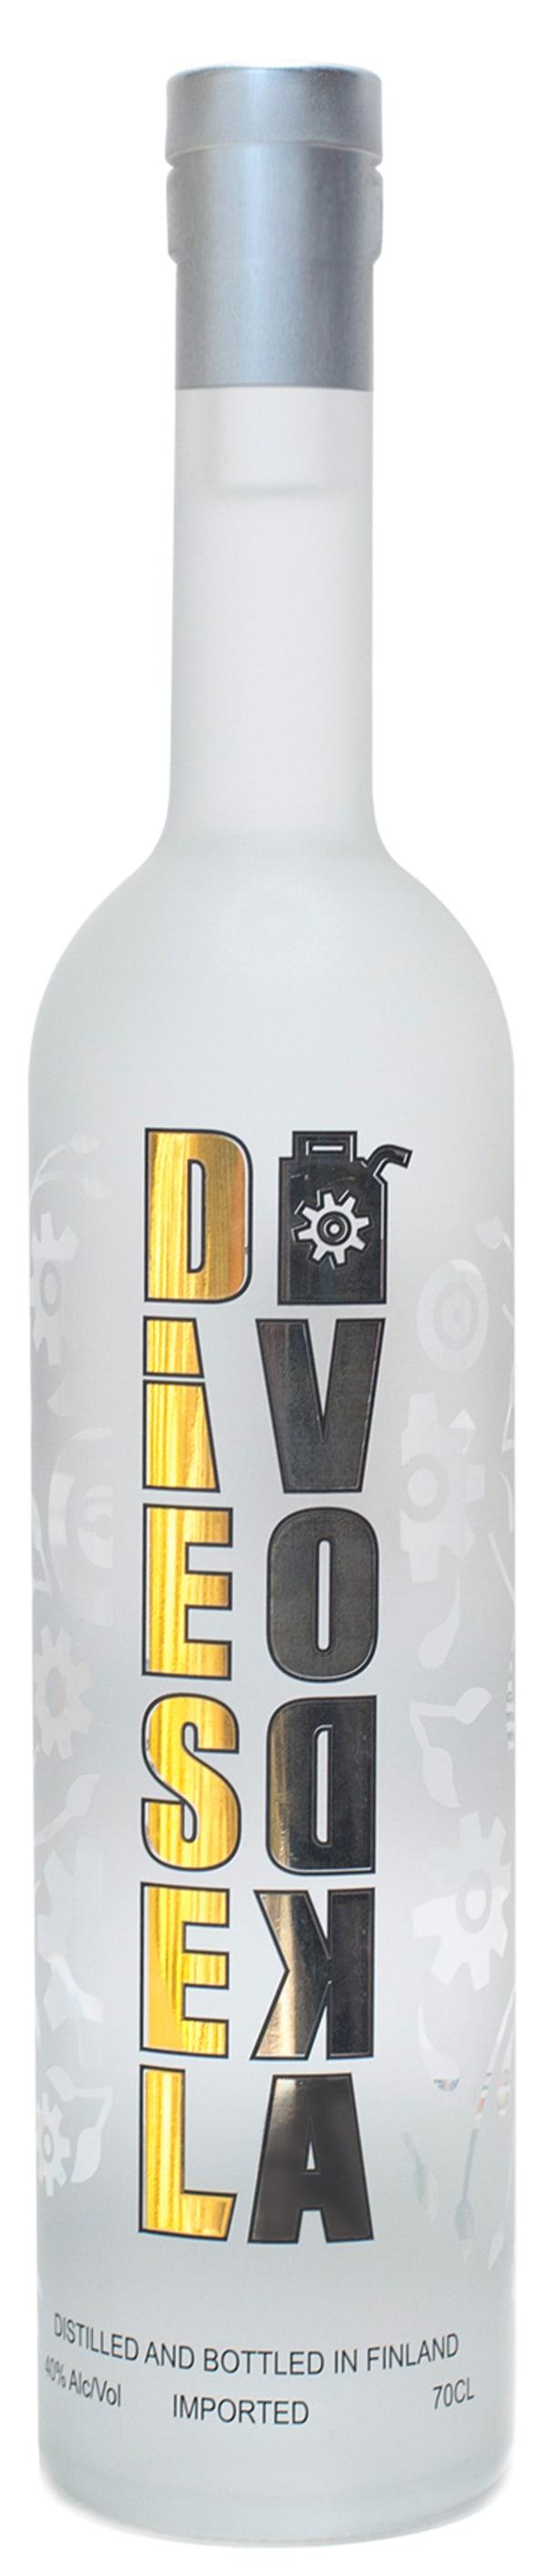 Diesel Vodka